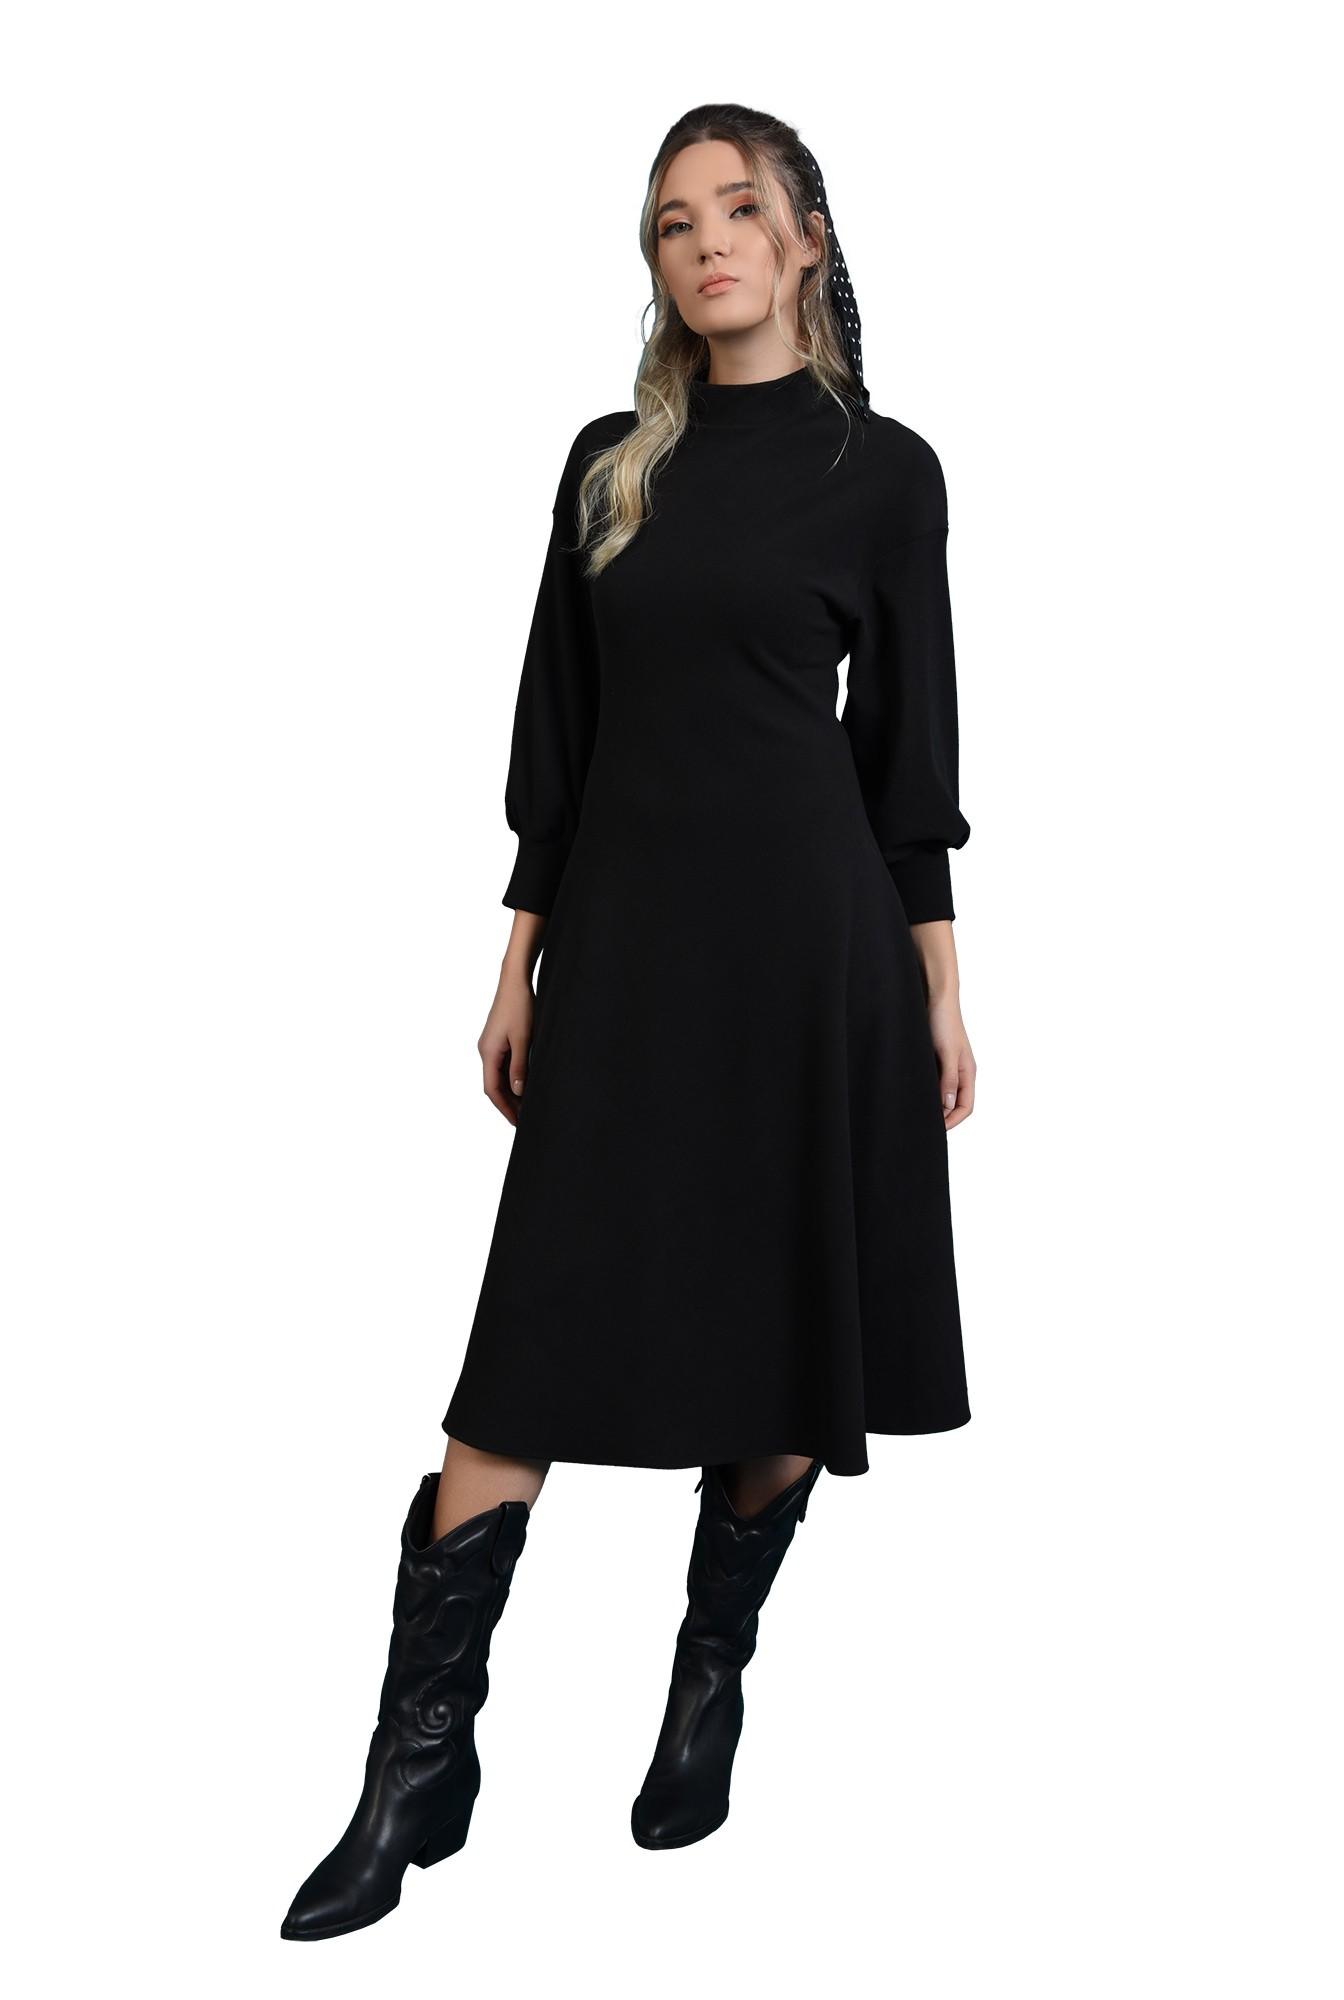 rochie midi, neagra, pe bie, cu maneca larga, cu guler